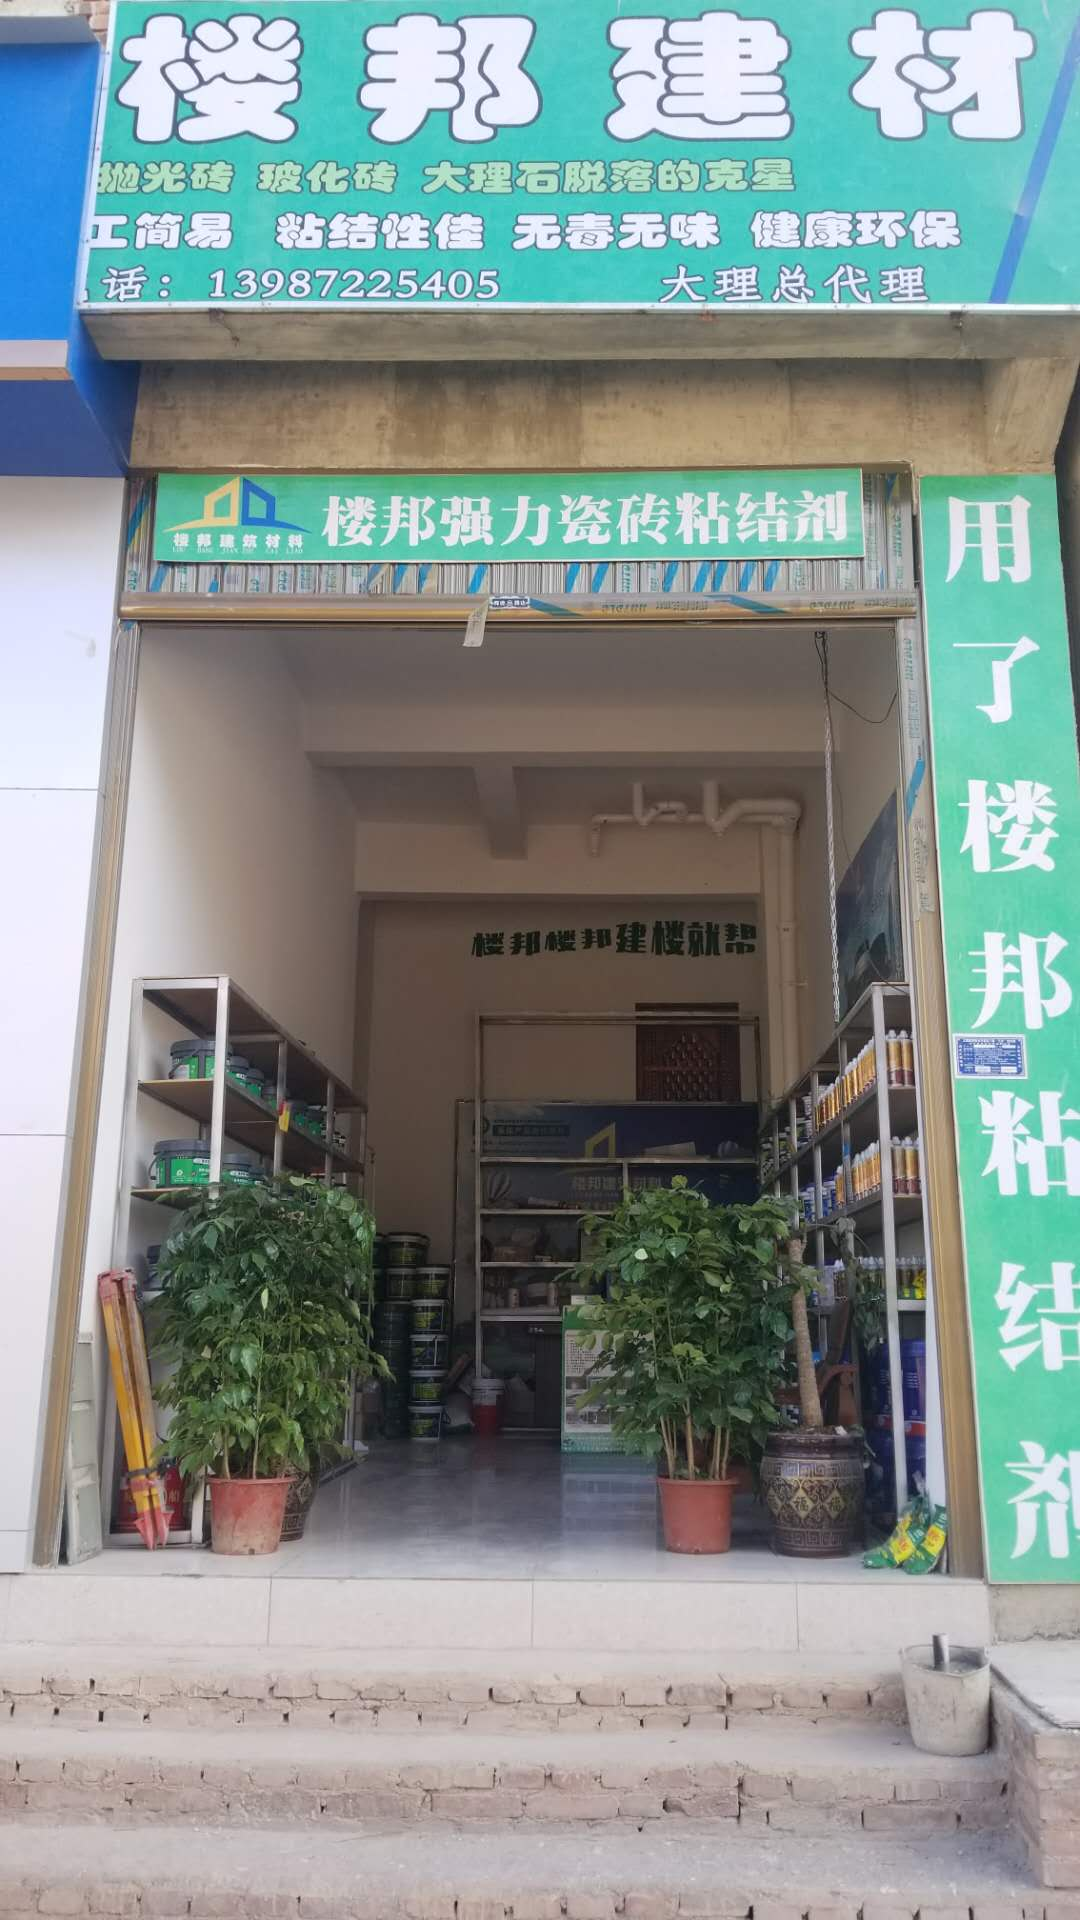 大理美缝剂,专业的大理月葵建材供应商,当属大理市月葵建材